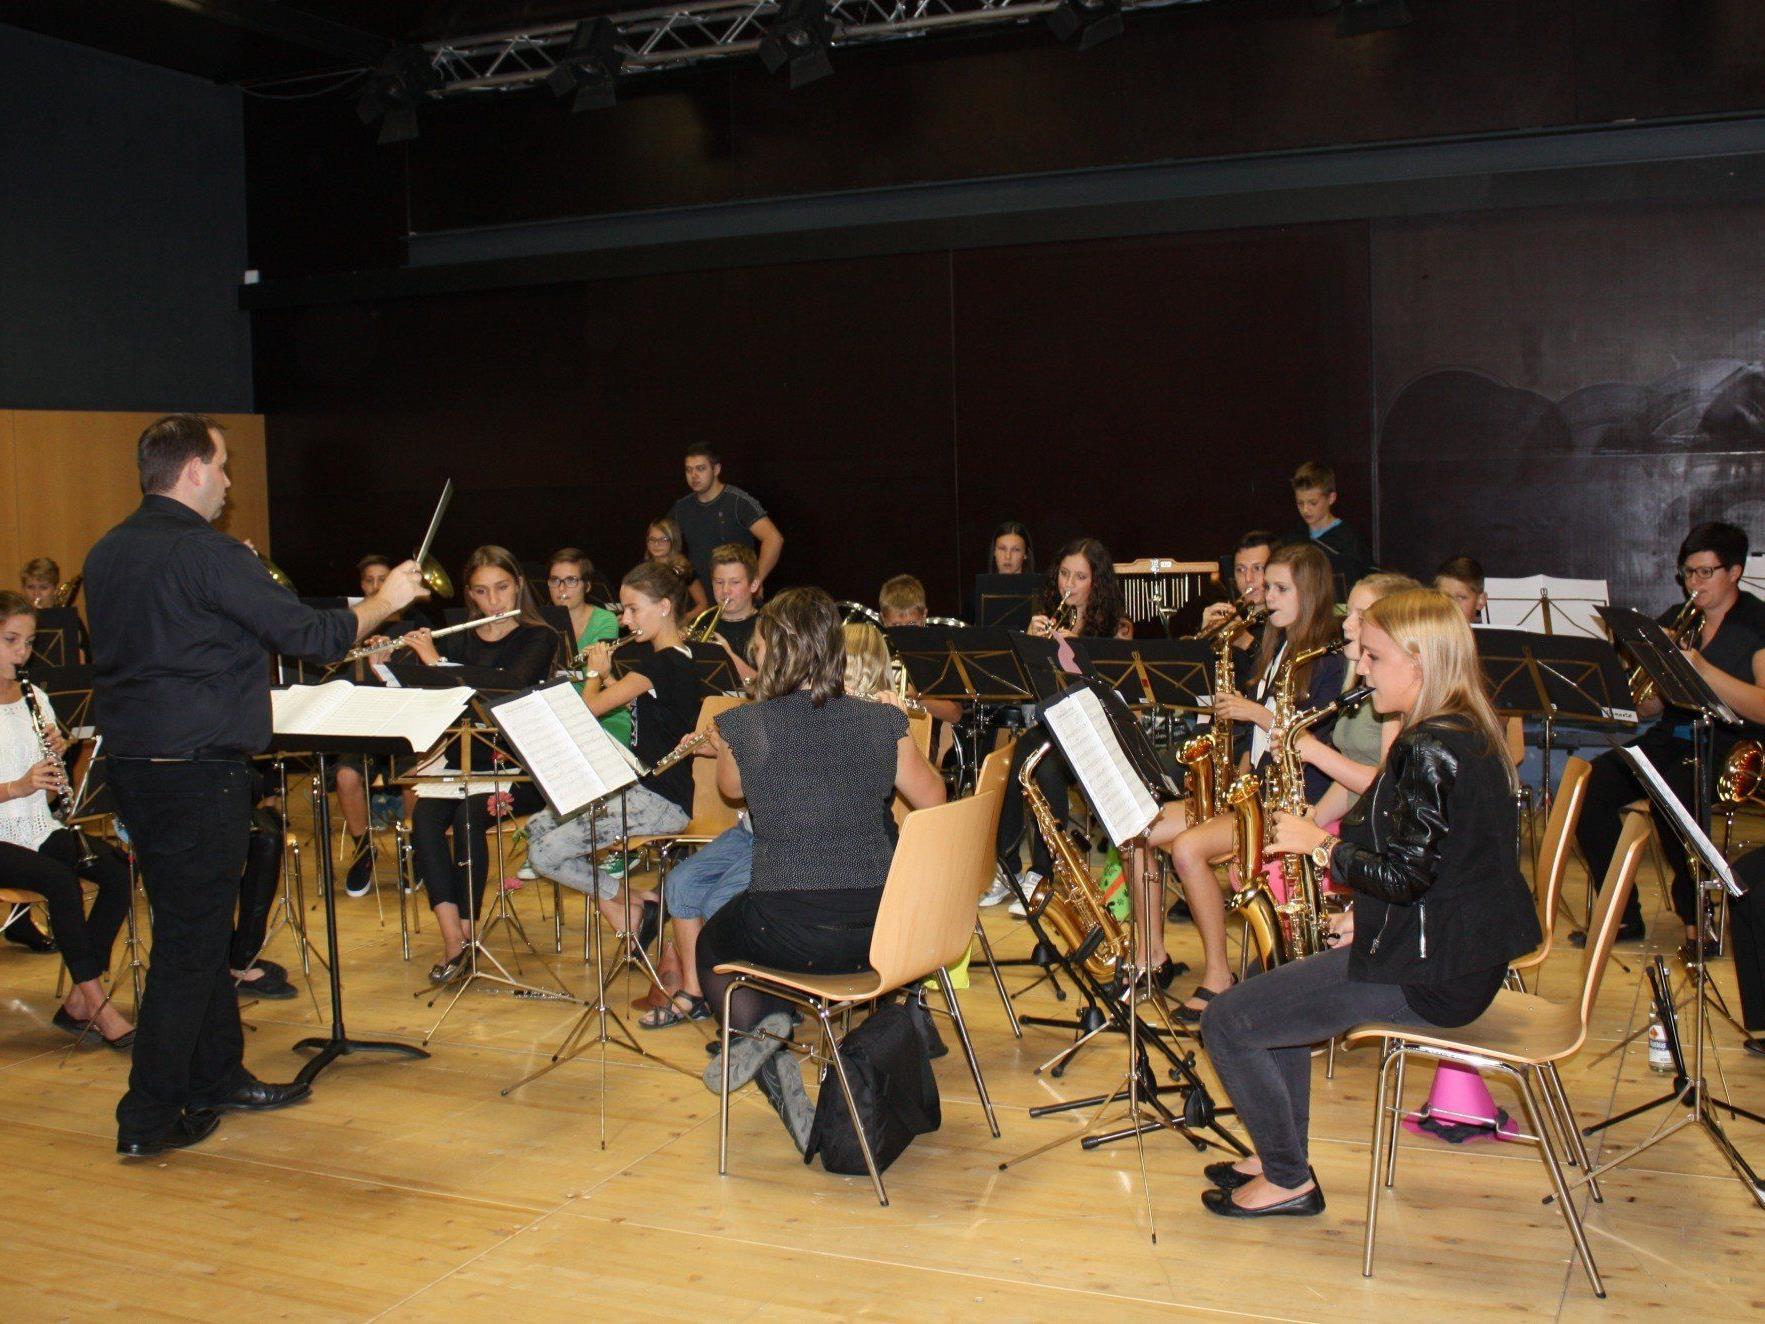 Tolles Abschlusskonzert der Musikvereinsjugend aus Lochau, Möggers, Hohenweiler und Eichenberg unter der Leitung von Kapellmeister Matthias Walser.